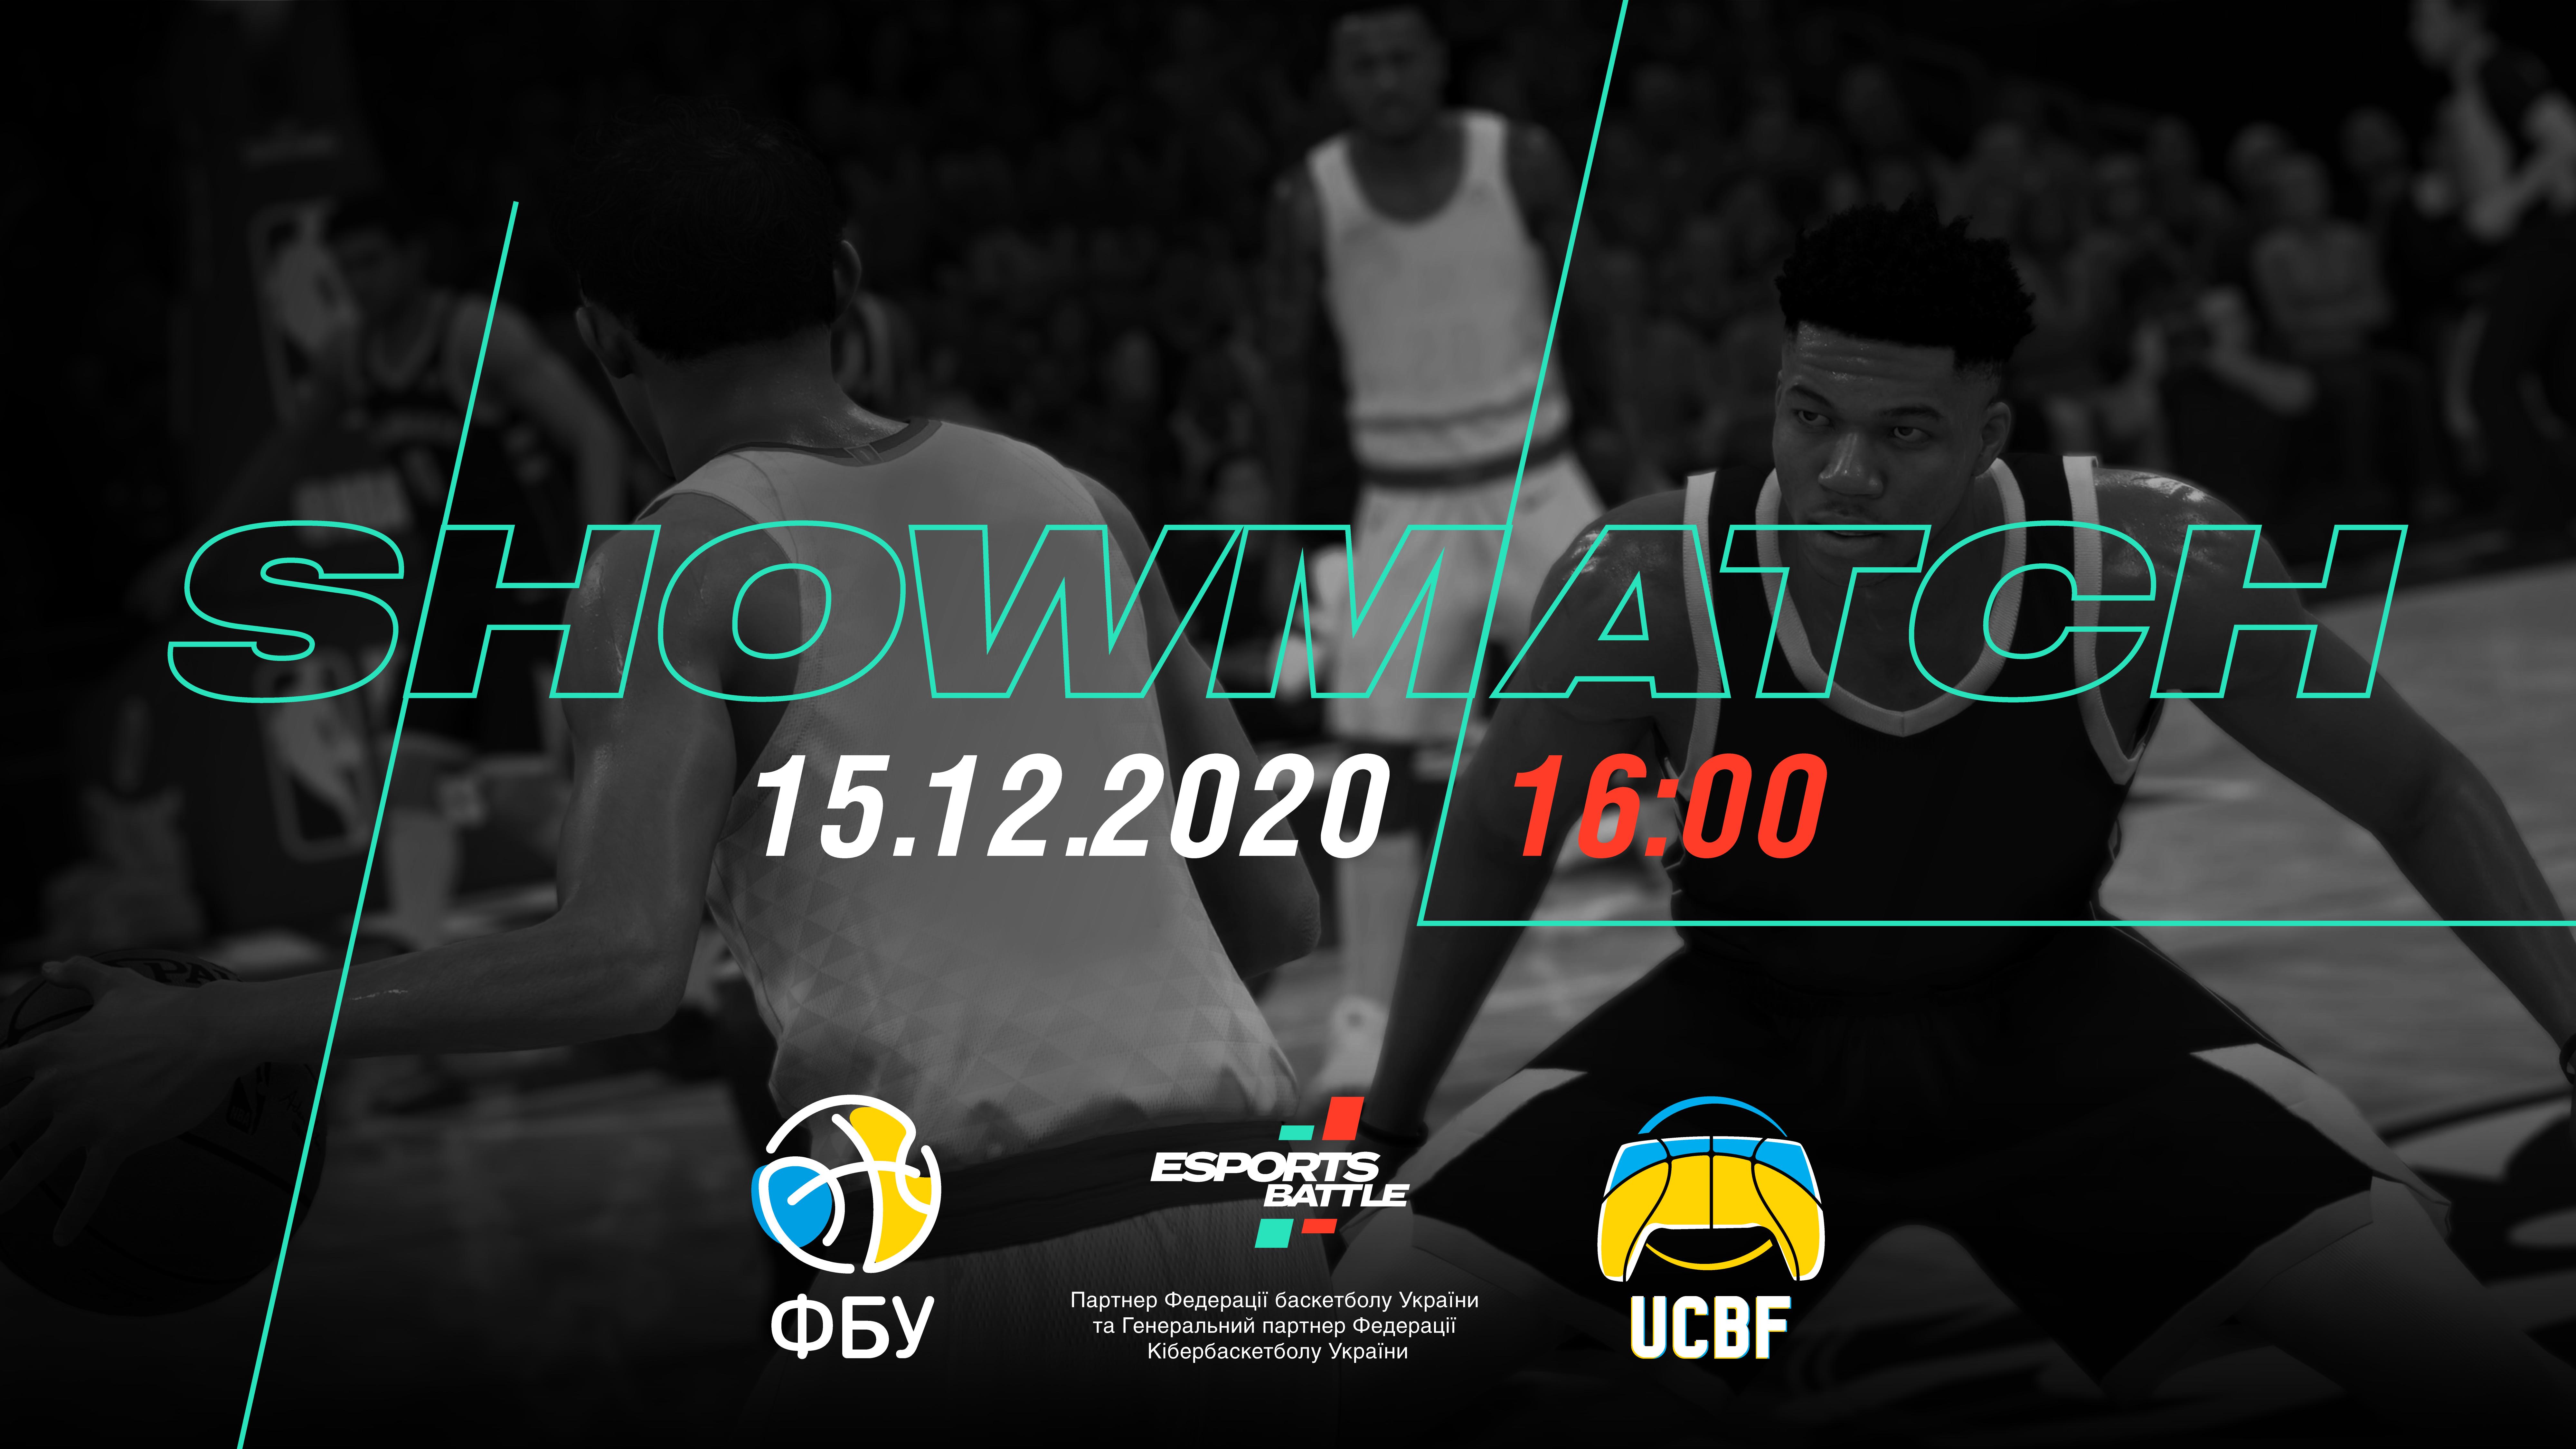 Перший кібербаскетбольний шоу-матч за підтримки ESportsBattle, Федерації баскетболу України та Федерації кібербаскетболу України